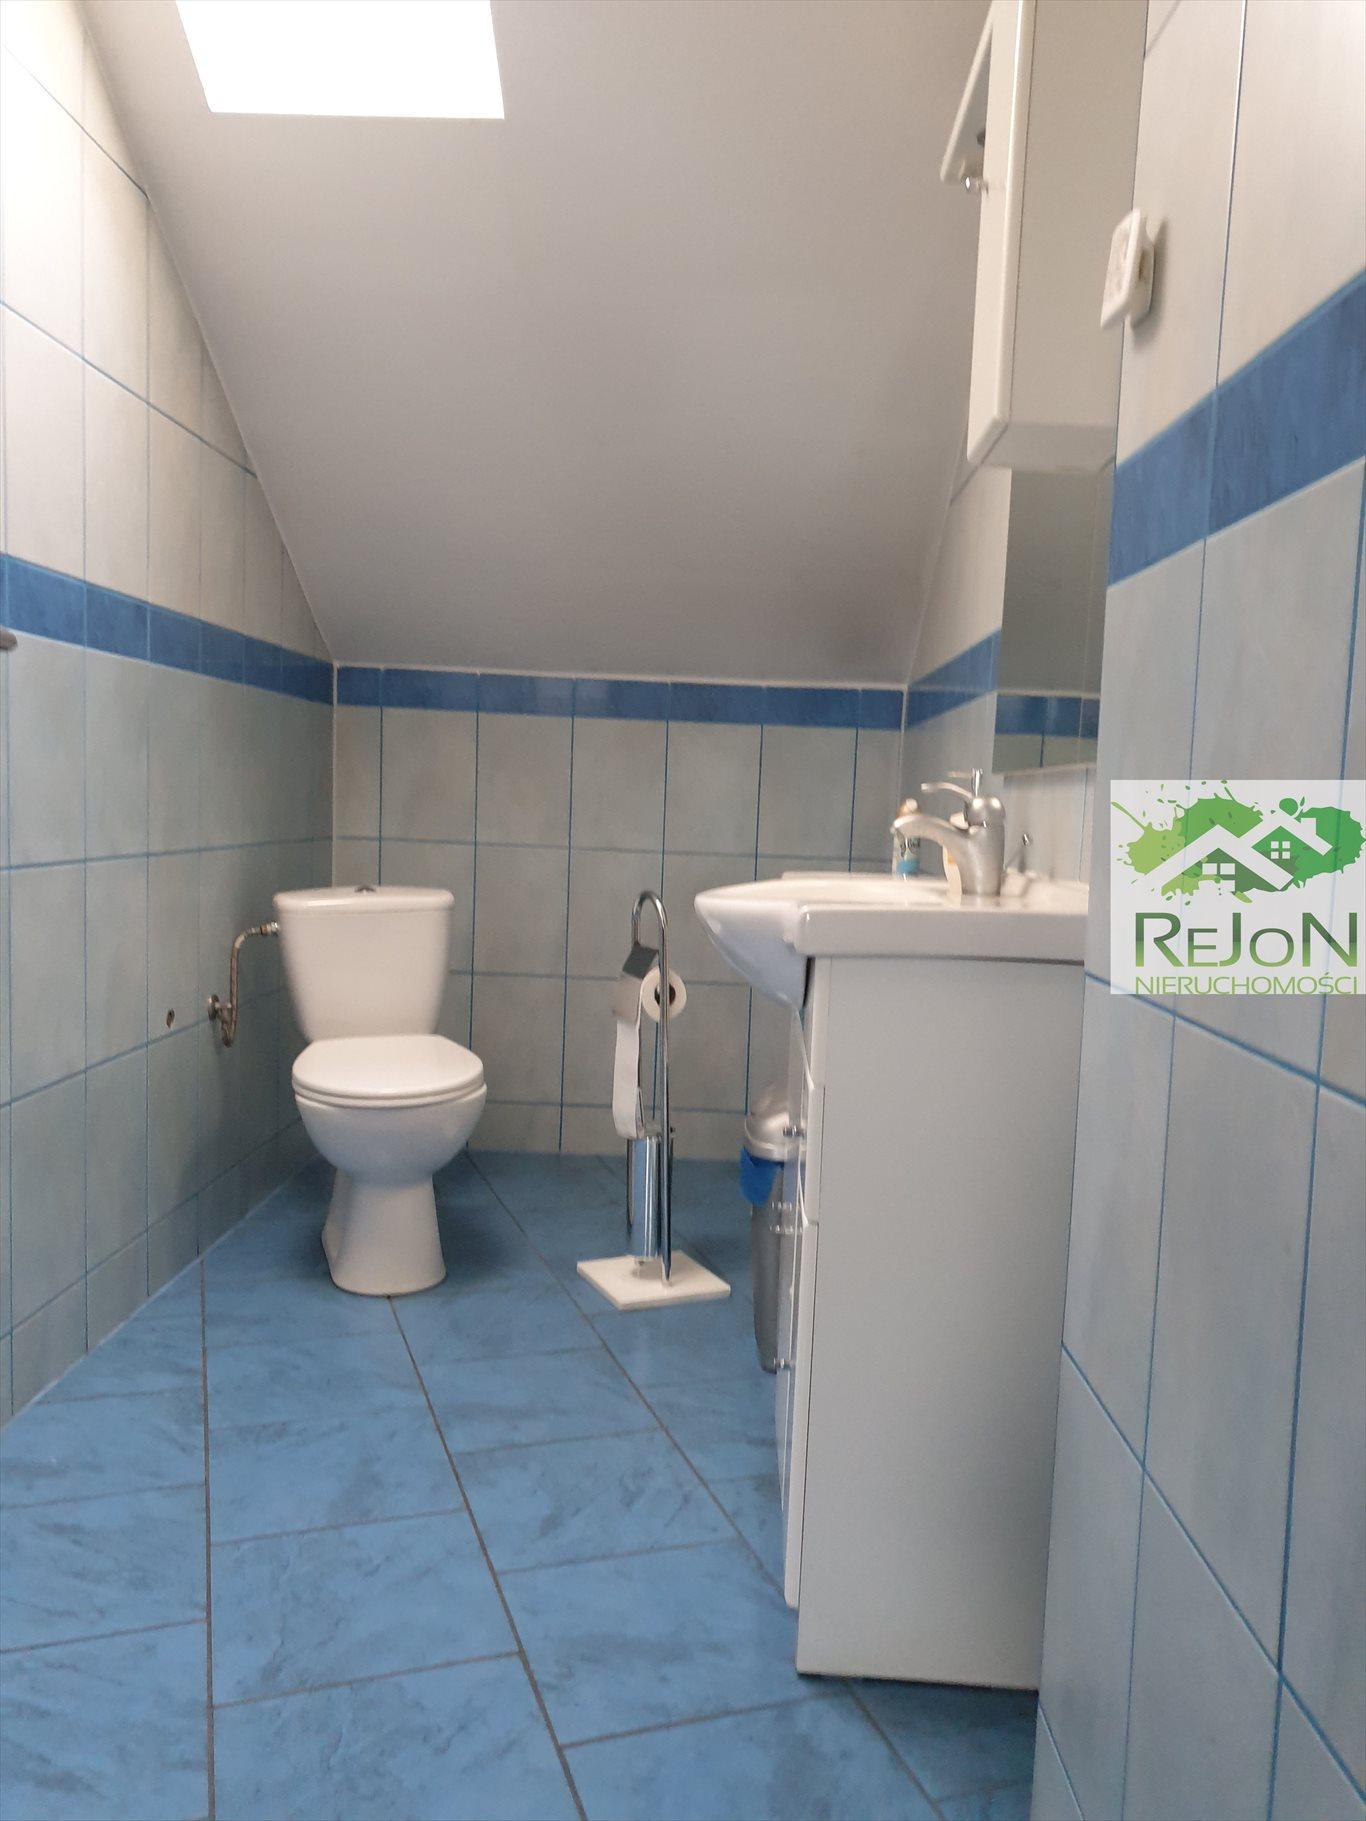 Lokal użytkowy na wynajem Gliwice, Śródmieście  68m2 Foto 9